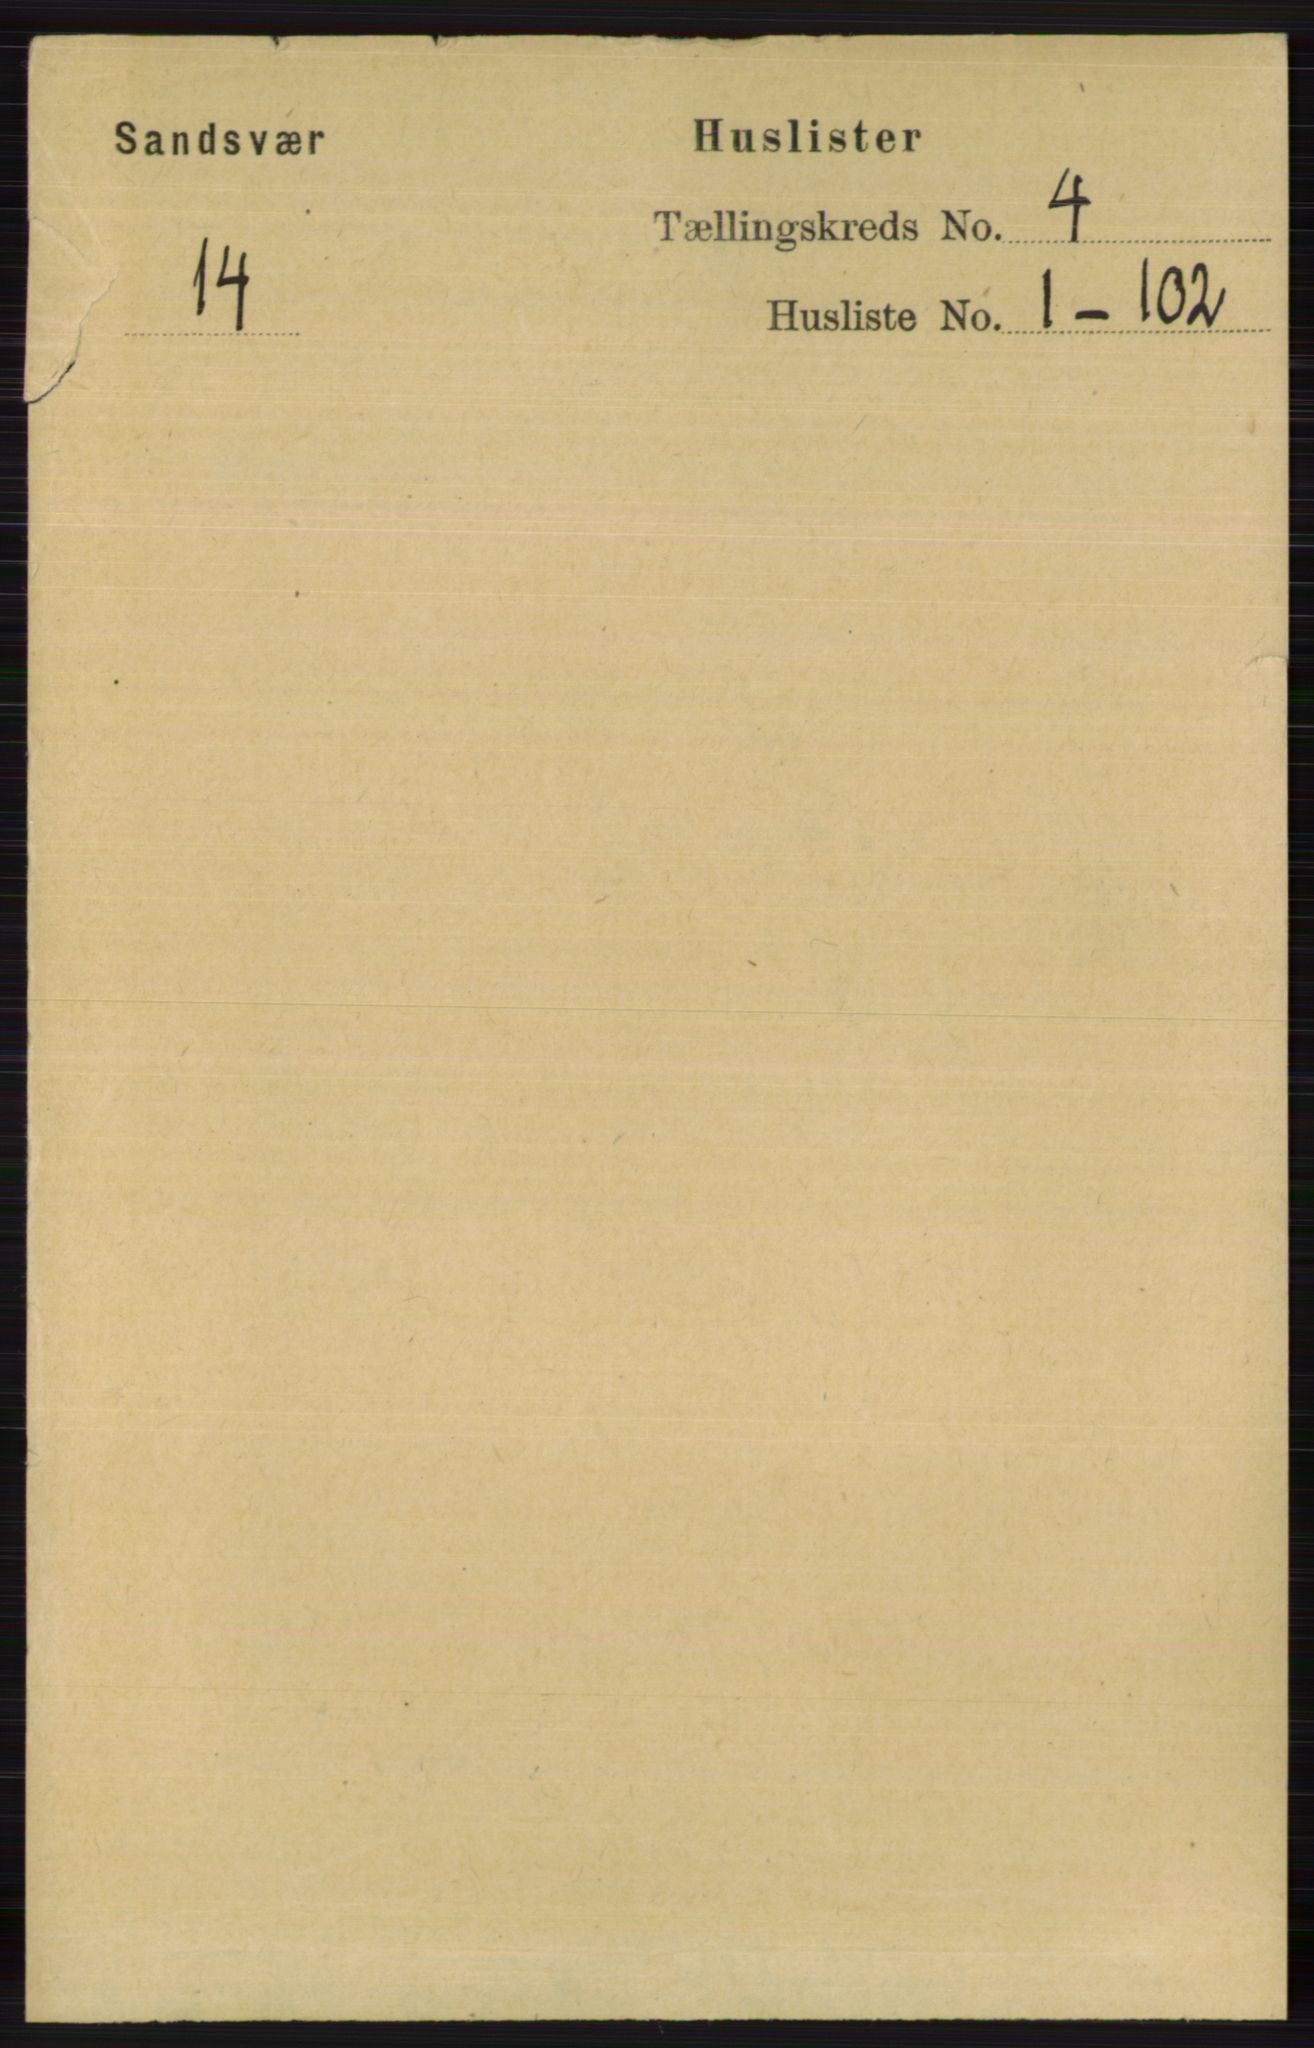 RA, Folketelling 1891 for 0629 Sandsvær herred, 1891, s. 1733